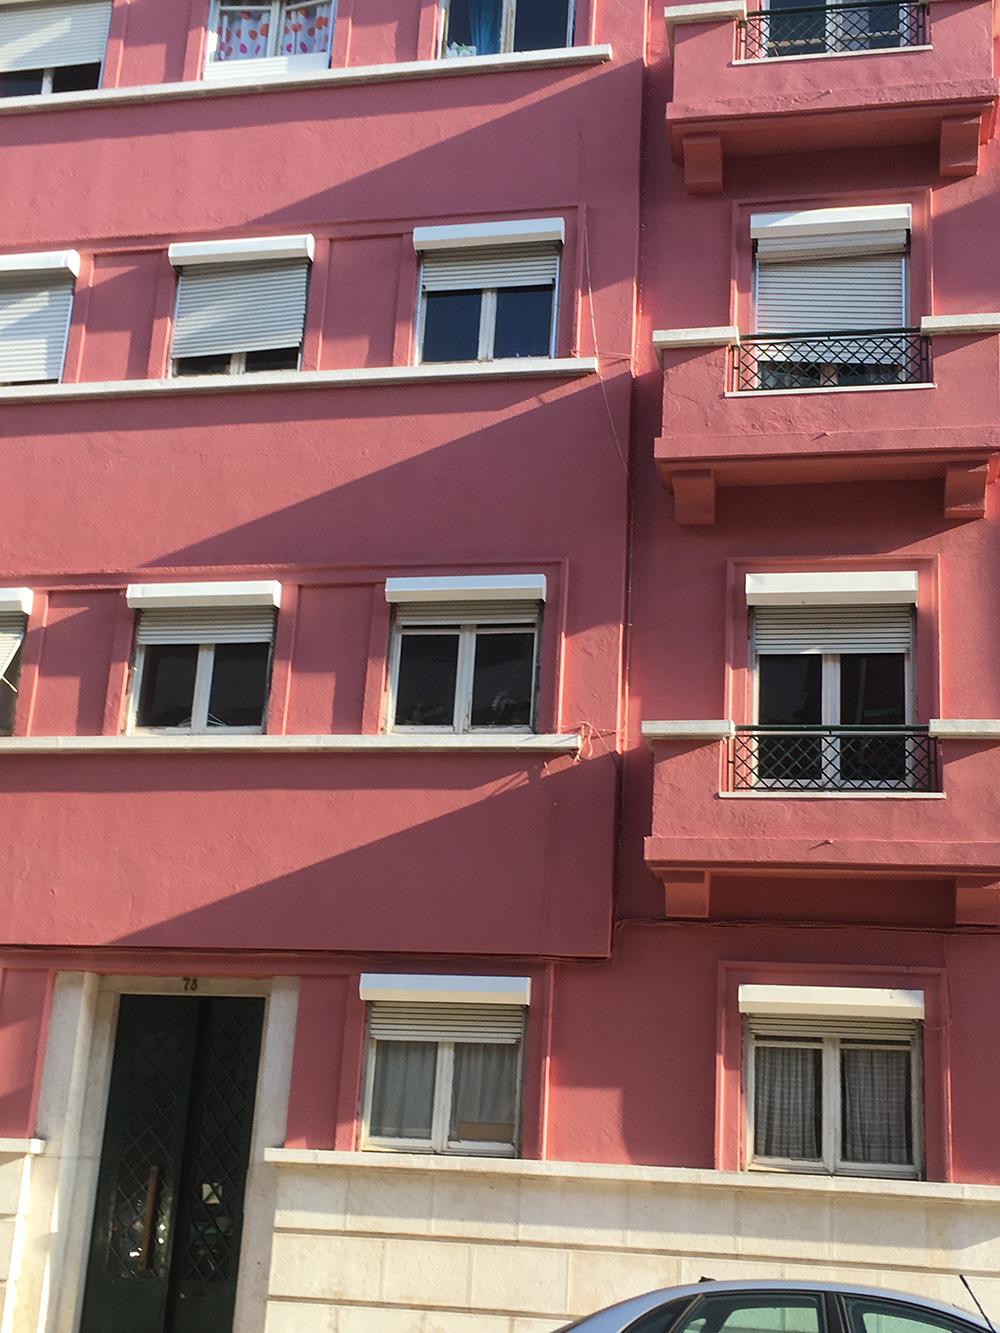 10 - Rua Ponta Delgada 76 Lisboa depois da pintura